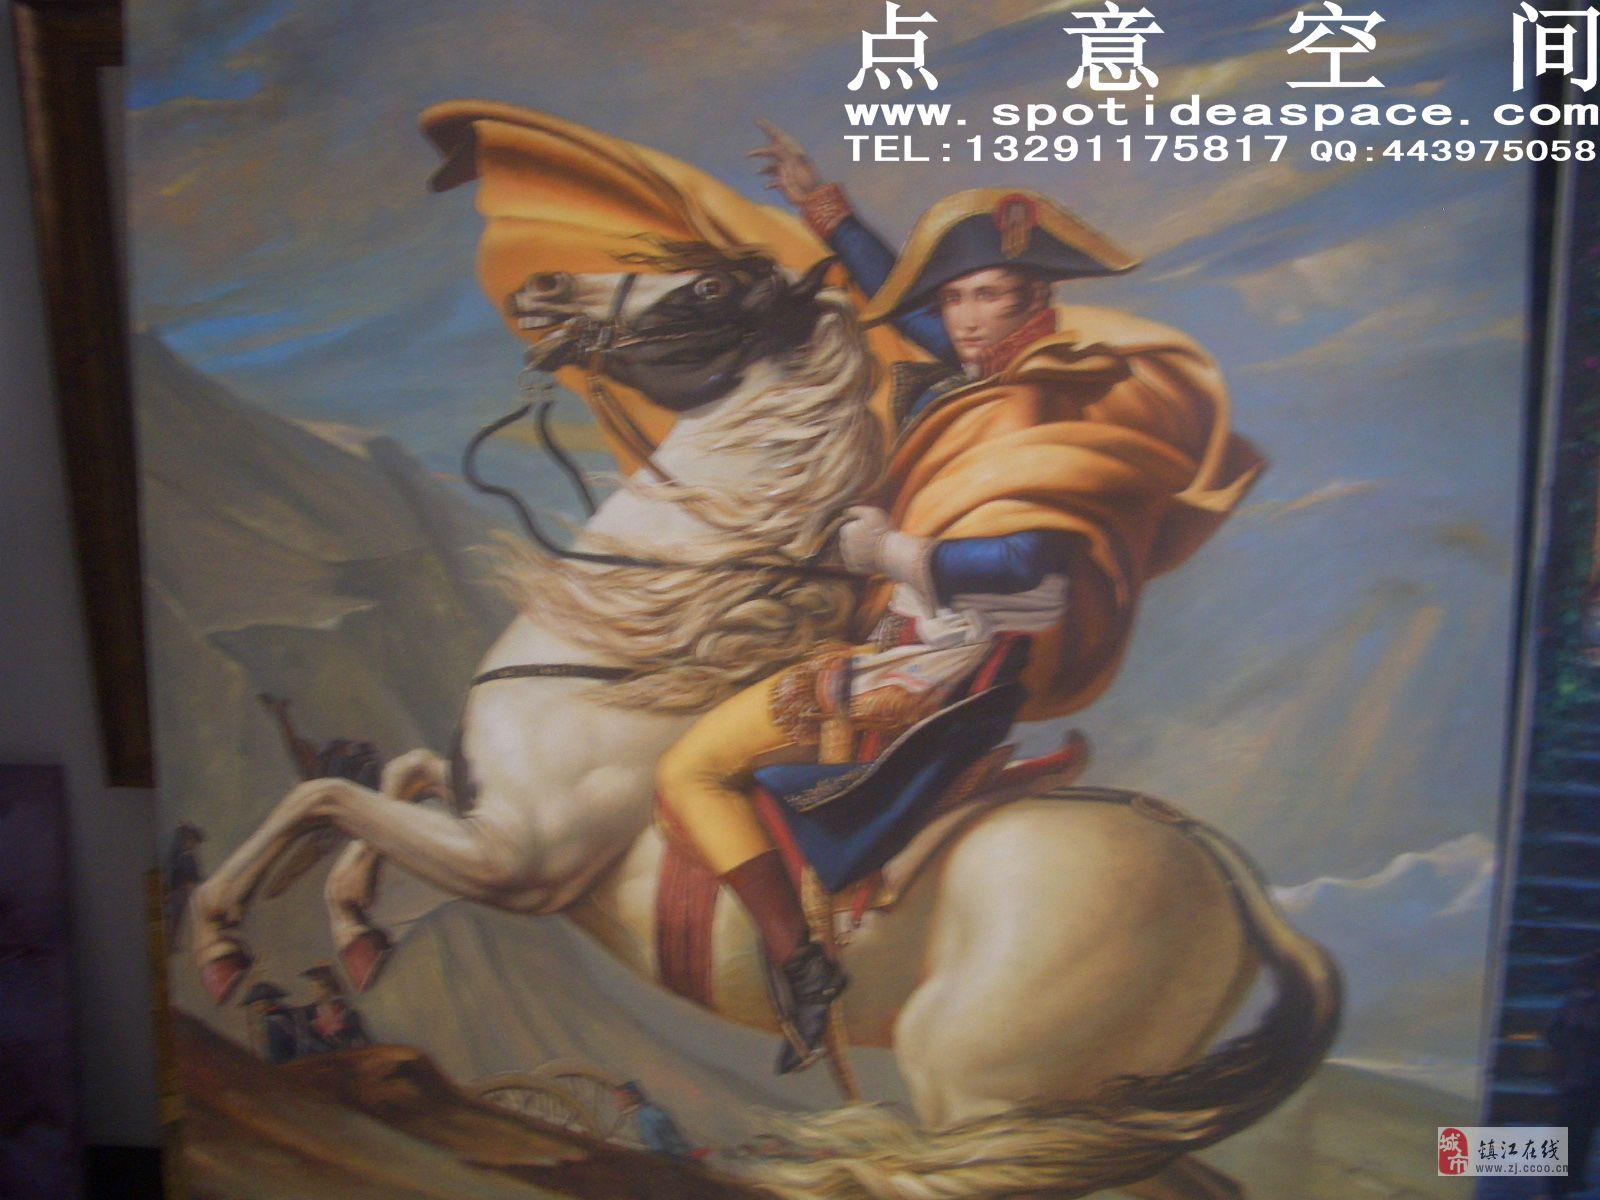 鎮江裝飾油畫|鎮江婚紗油畫|鎮江風景油畫|鎮江古典